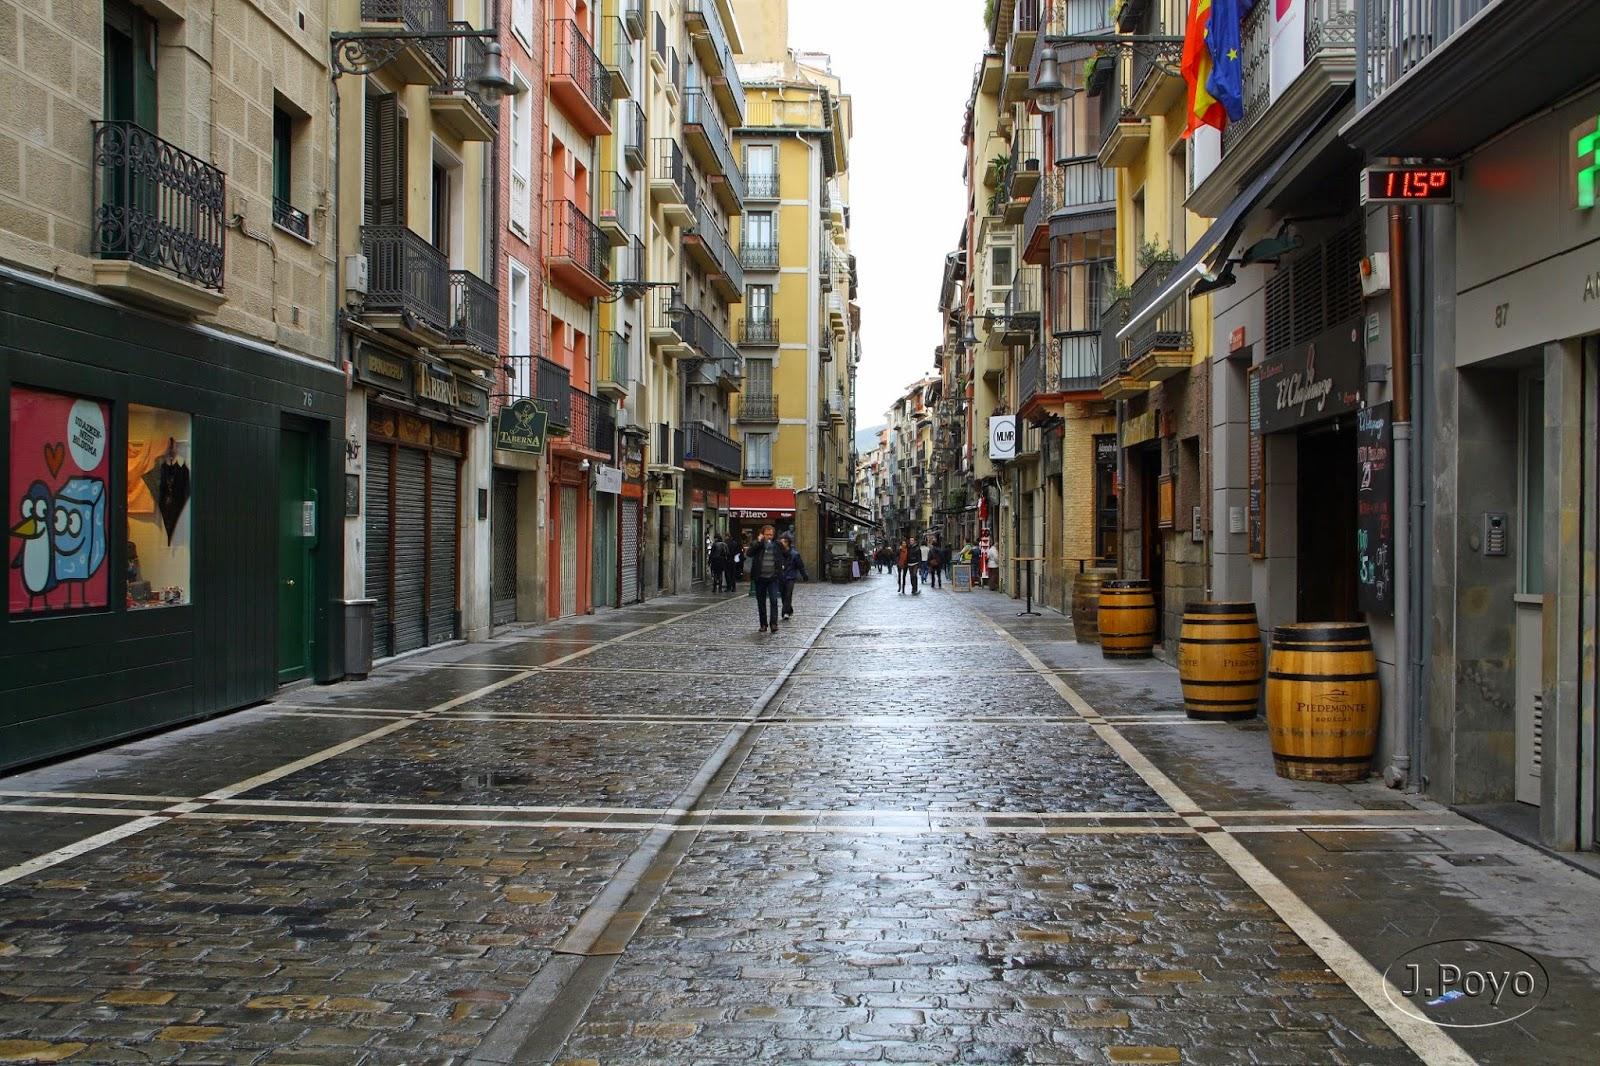 Calles del encierro de Pamplona